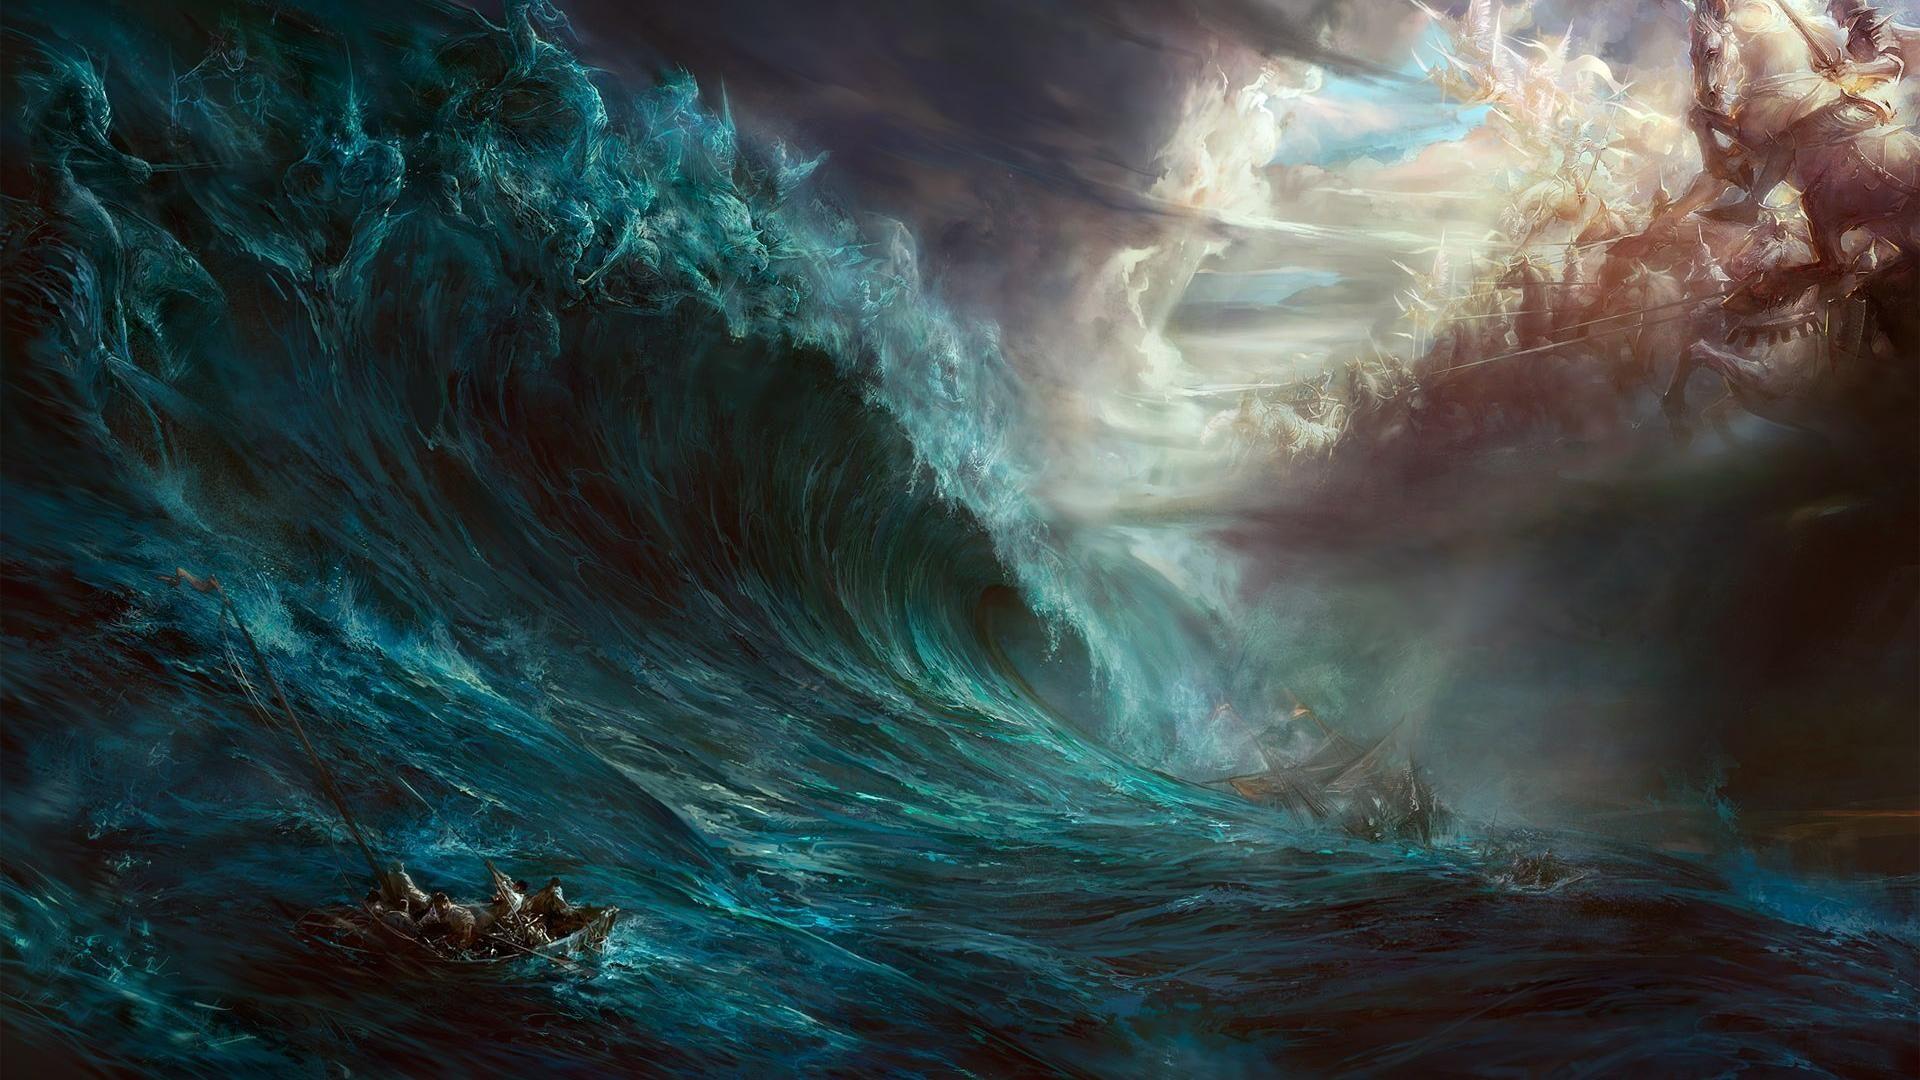 1920x1080_oceanshipwaterwaveboatapocalypsehd